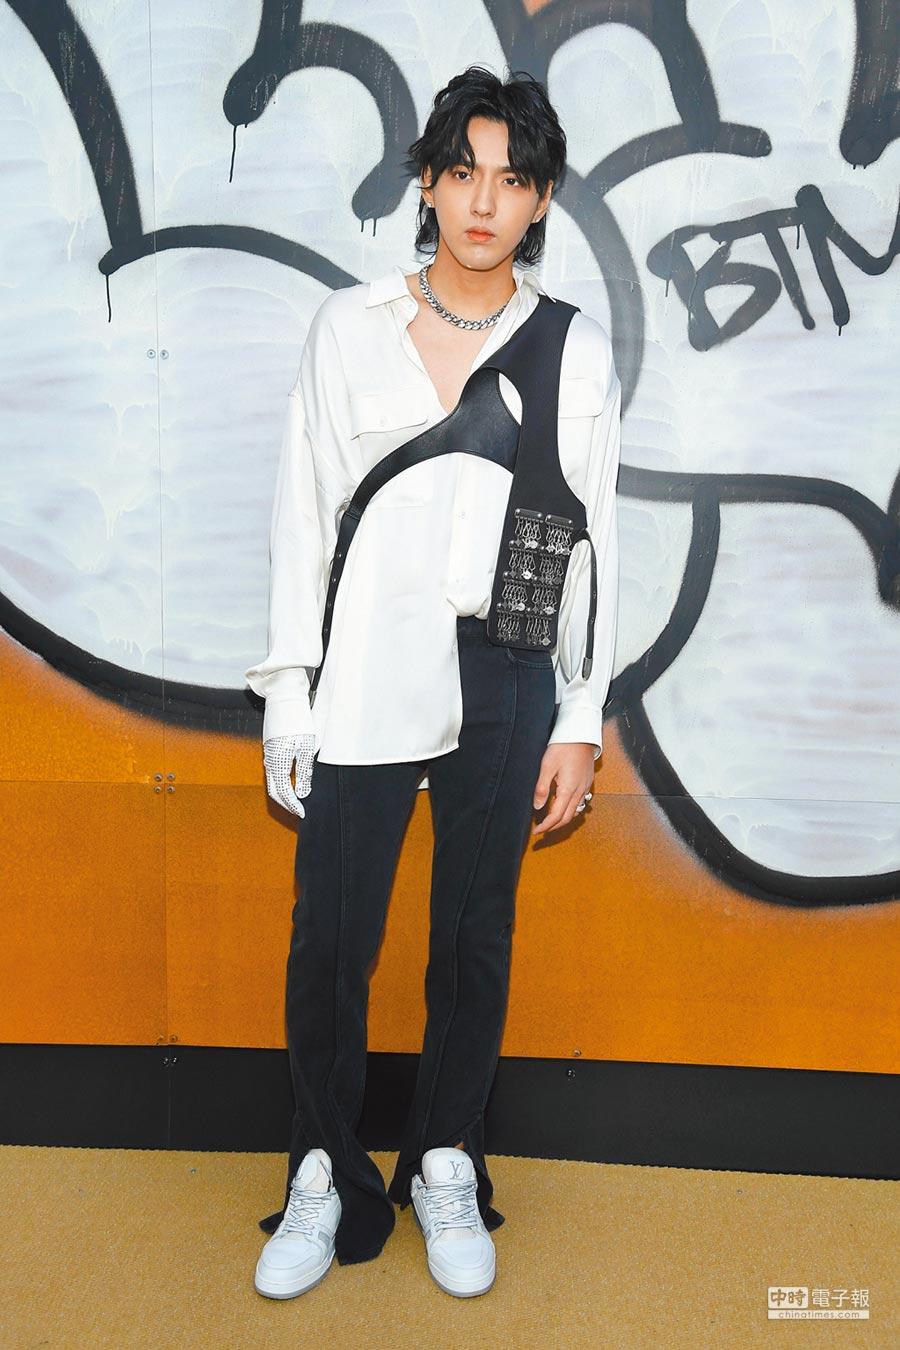 身為LV代言人的男星吳亦凡,以一襲白襯衫、黑褲造型出席品牌2019秋冬男裝大秀。(LV提供)